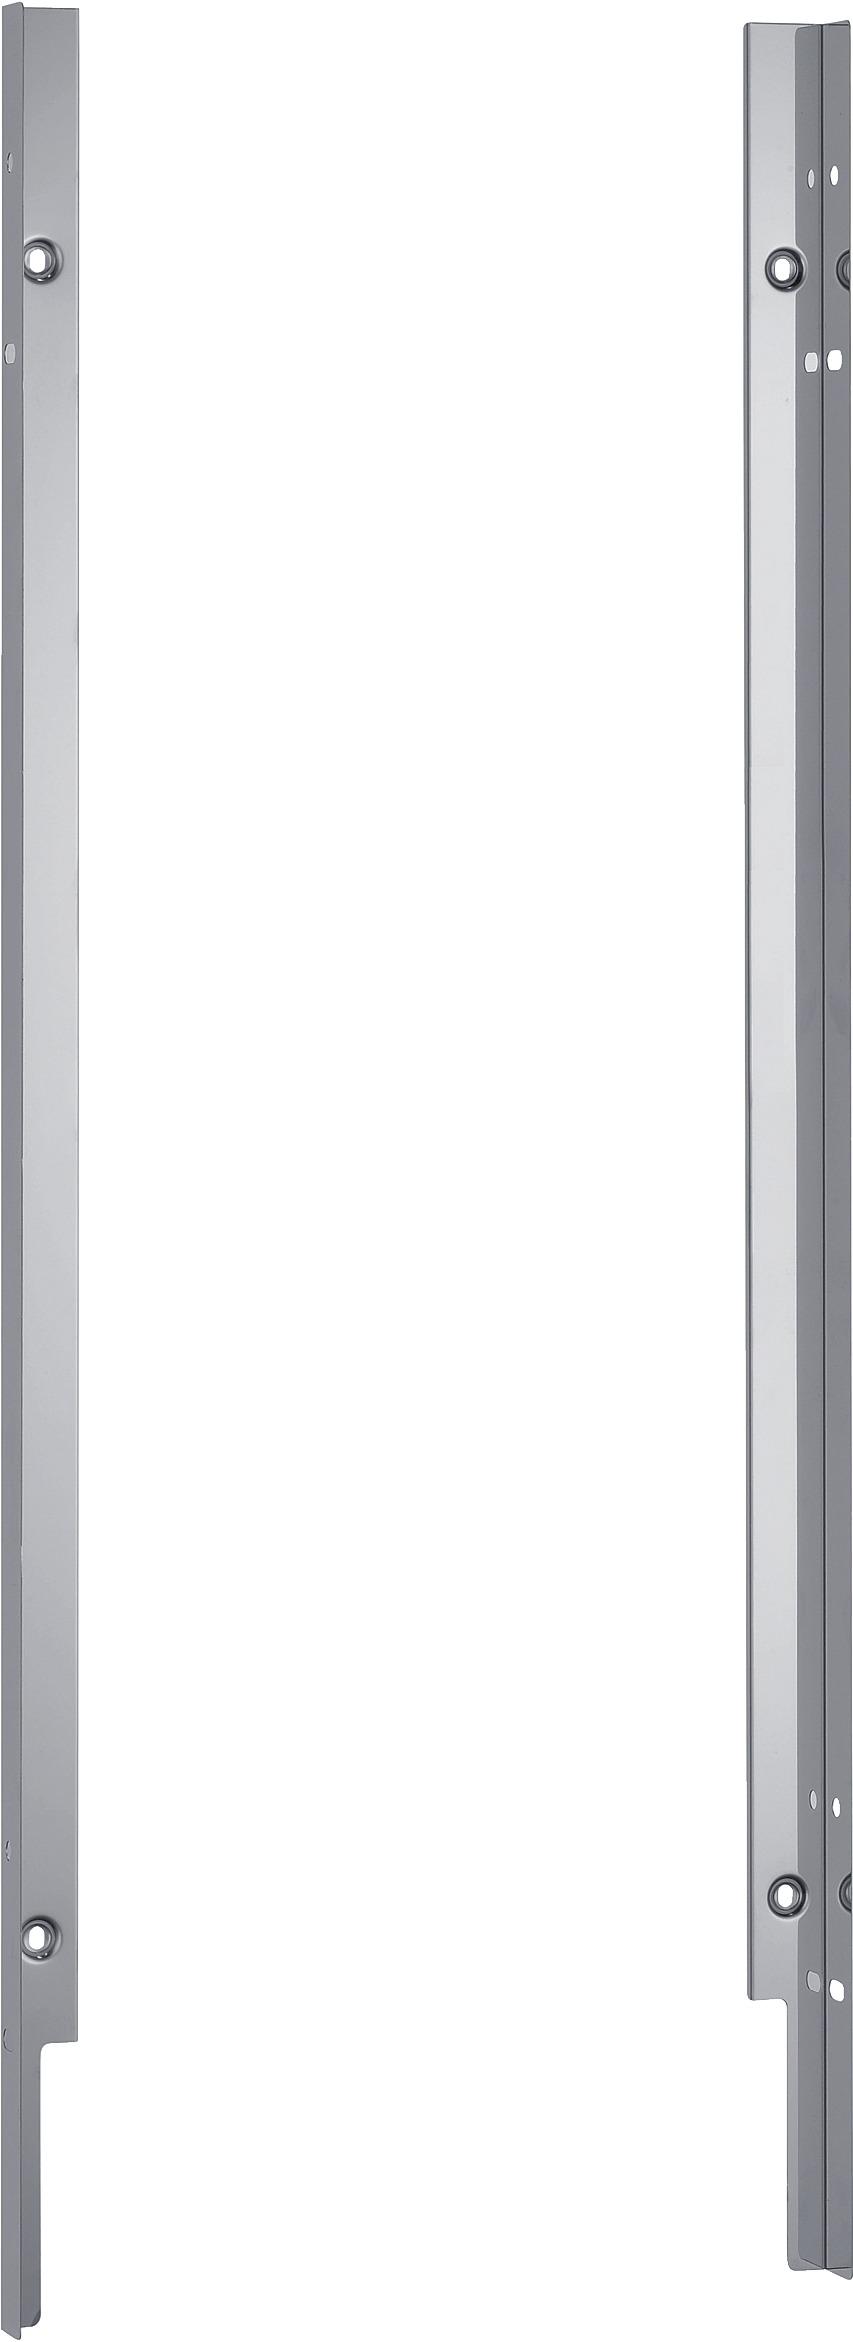 Bosch SMZ5005 Vaatwassers accessoire Aluminium